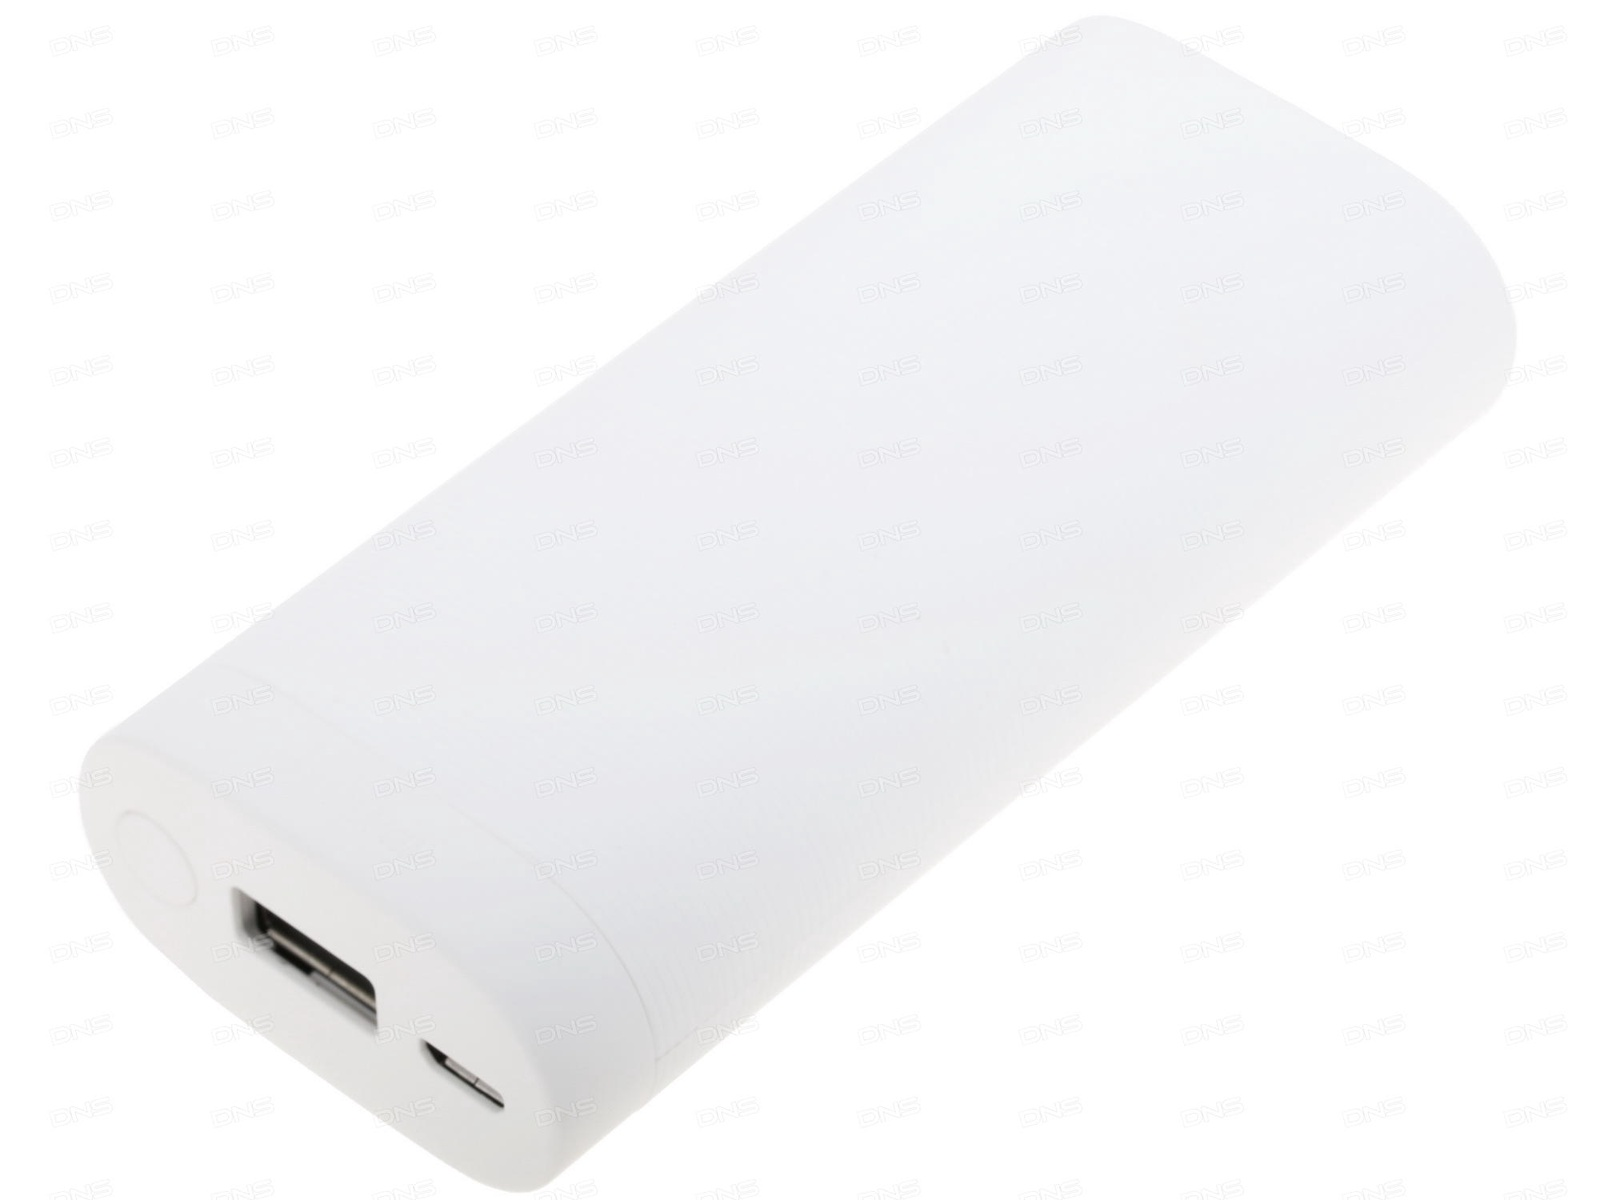 Фото - Внешний аккумулятор Huawei Внешний аккумулятор 6700mah White, белый аккумулятор